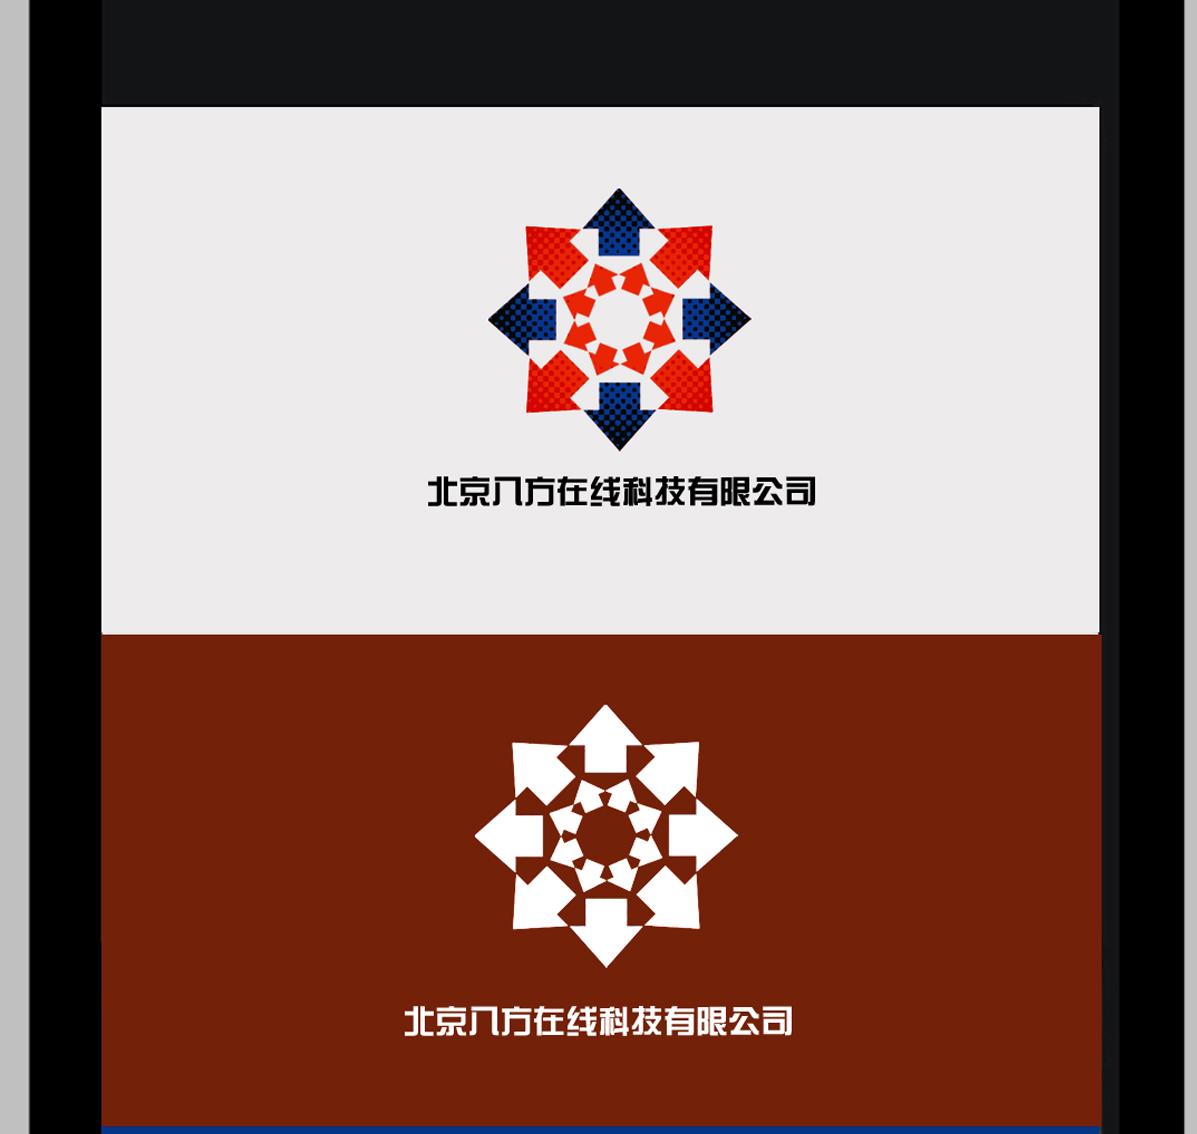 北京八方在线科技有限公司logo等设计_2495317_k68威客网